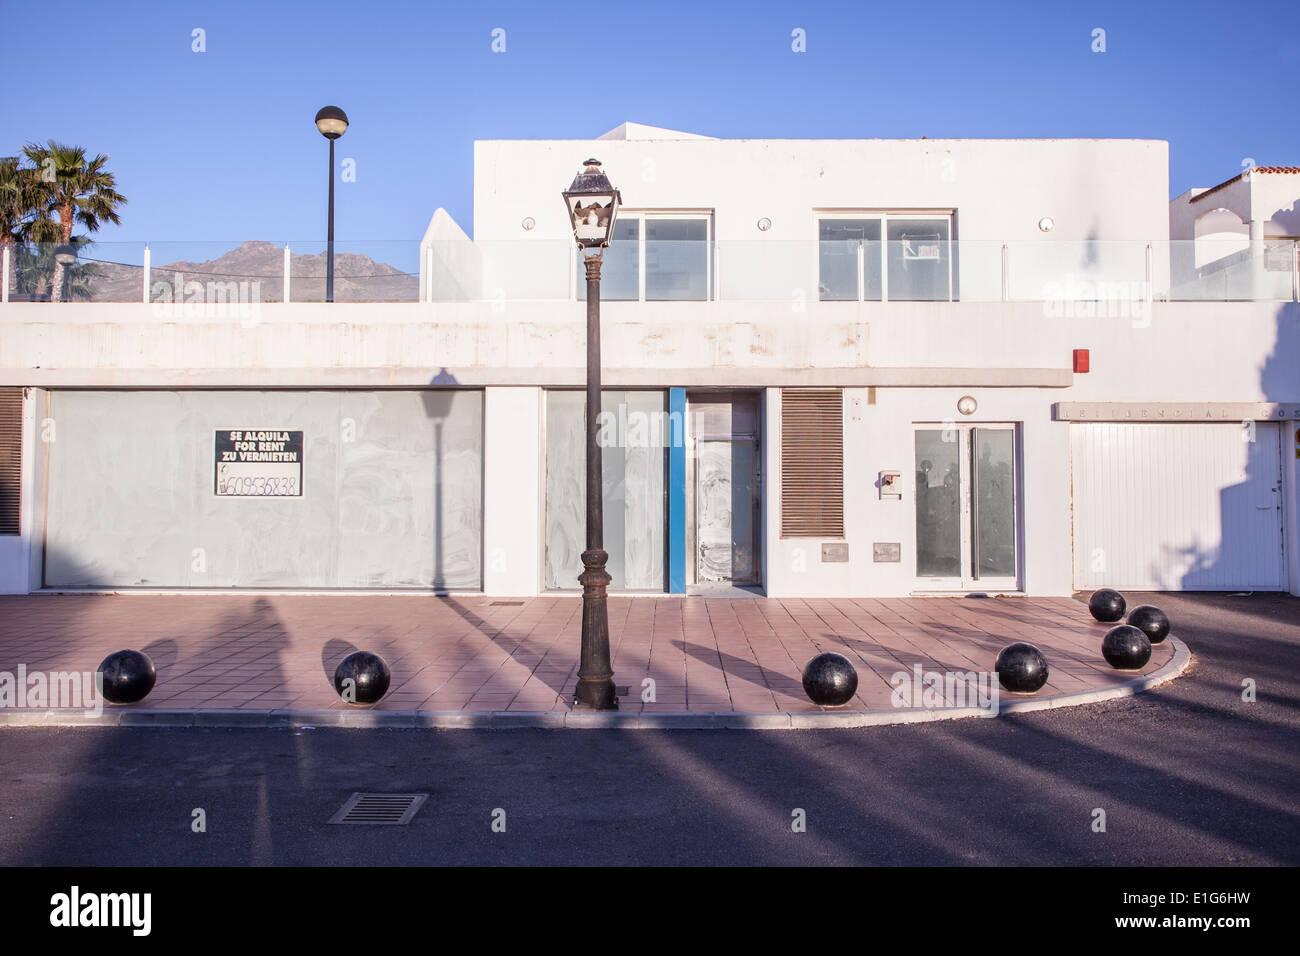 Spanish property for sale uninhabited - Stock Image